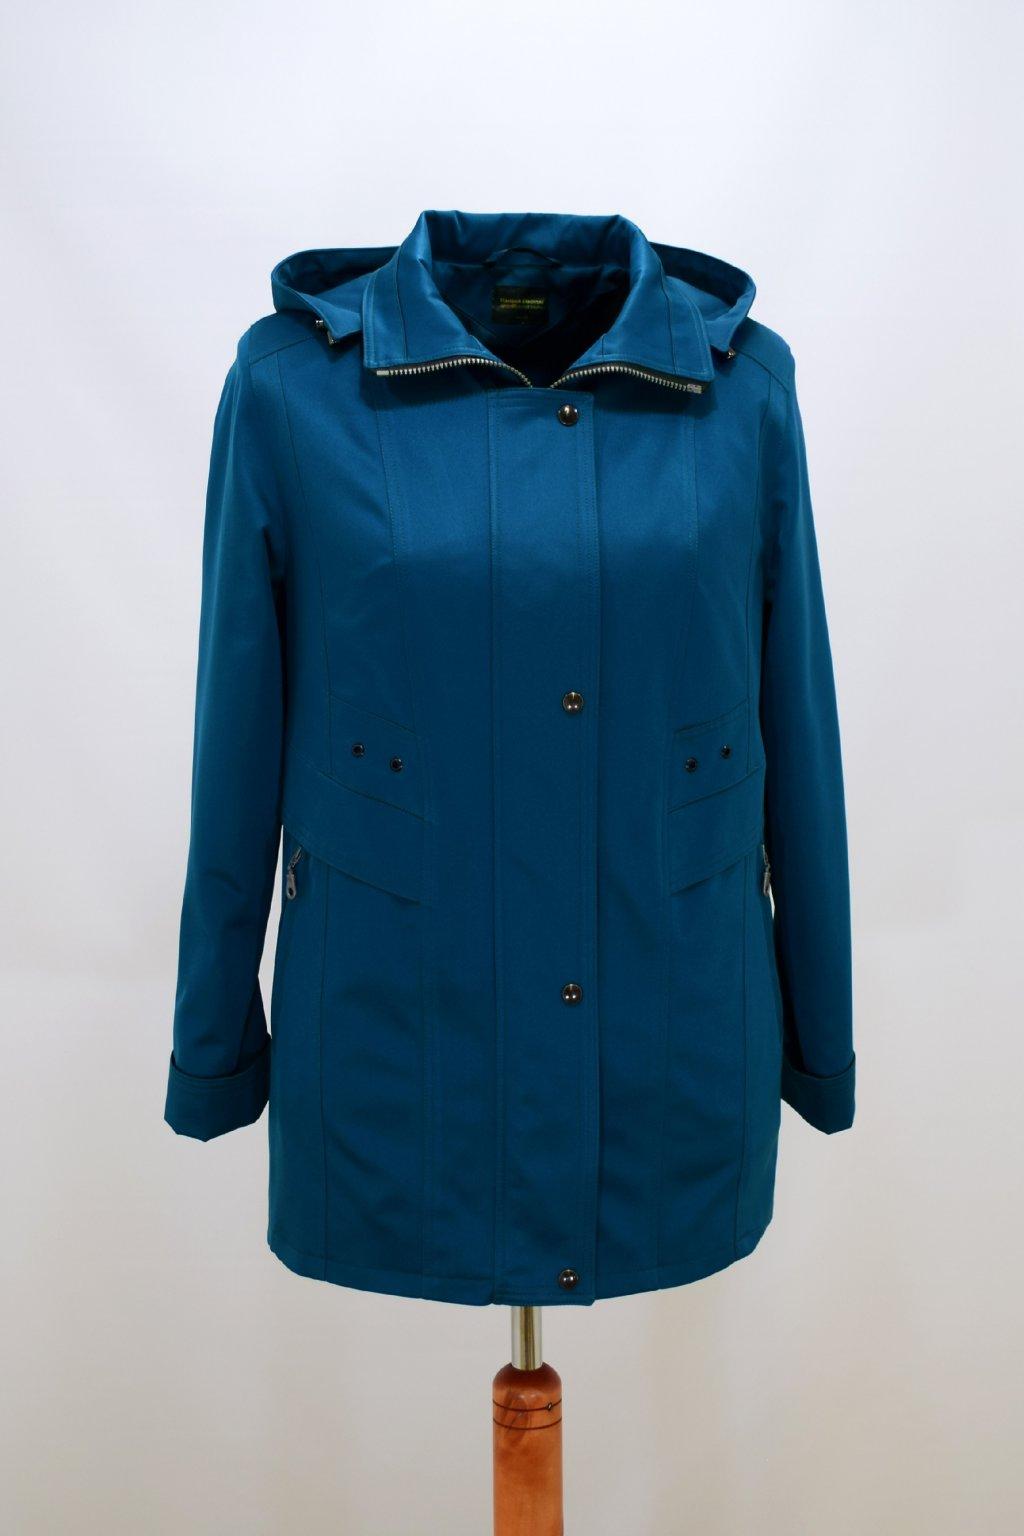 Dámská petrolová jarní bunda Helena nadměrné velikosti.